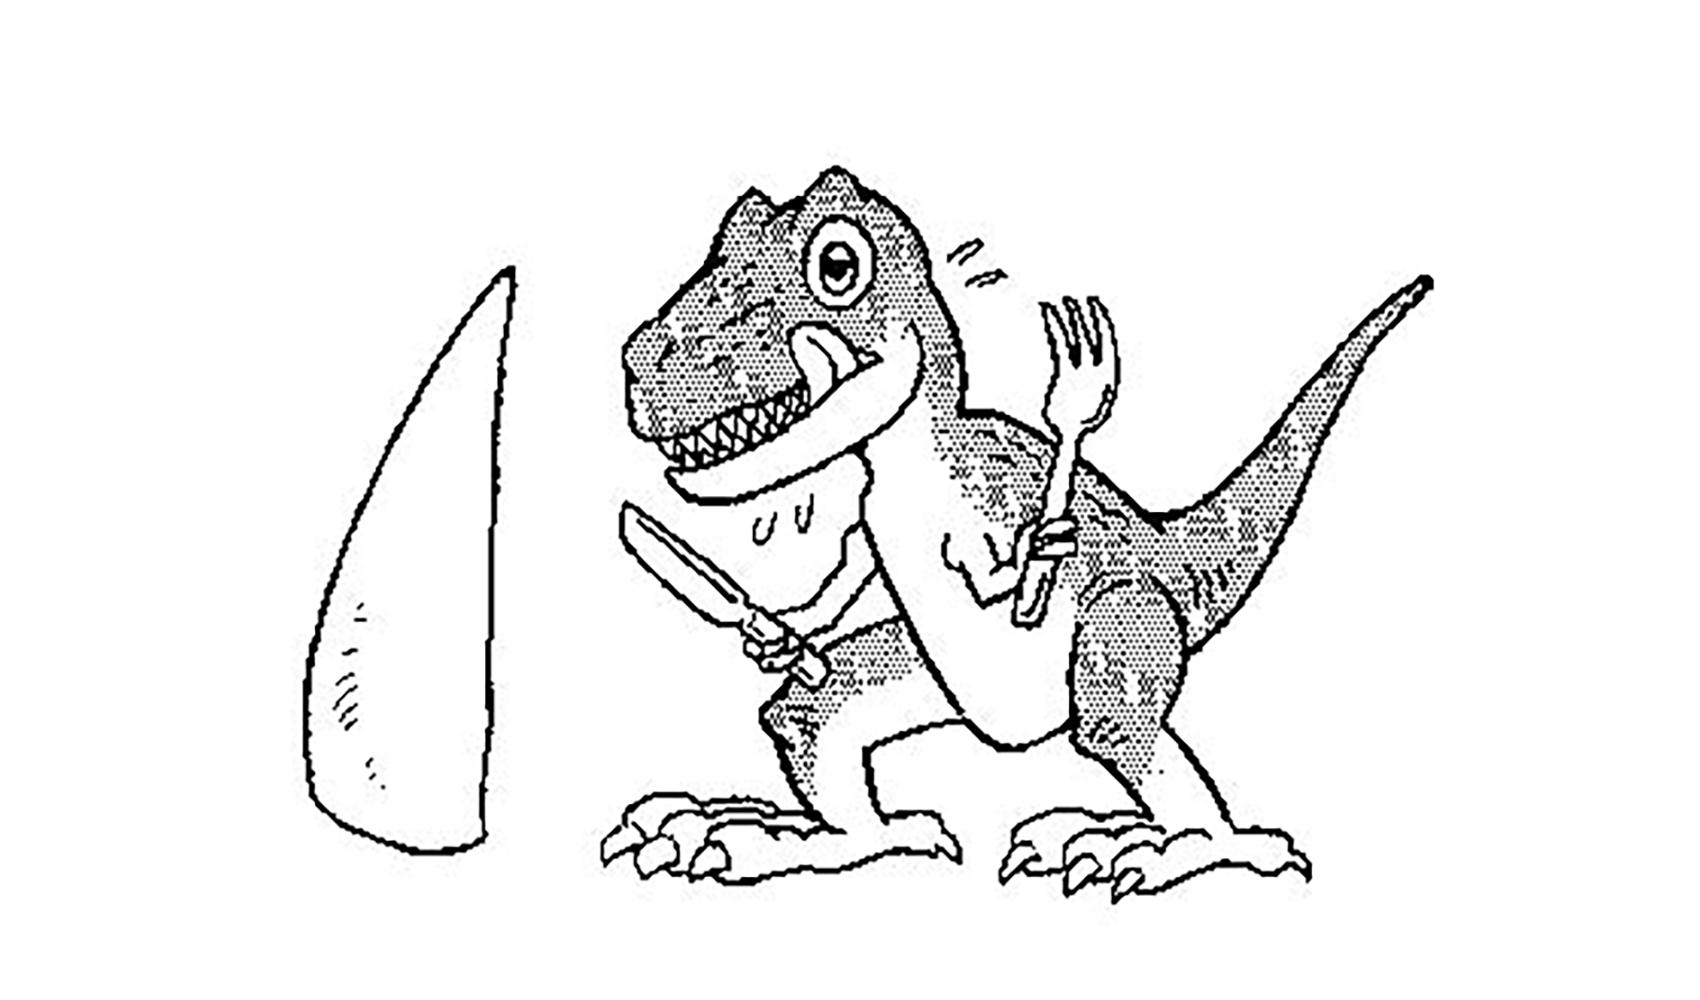 どうして化石から恐竜のことが(生活も)わかるの